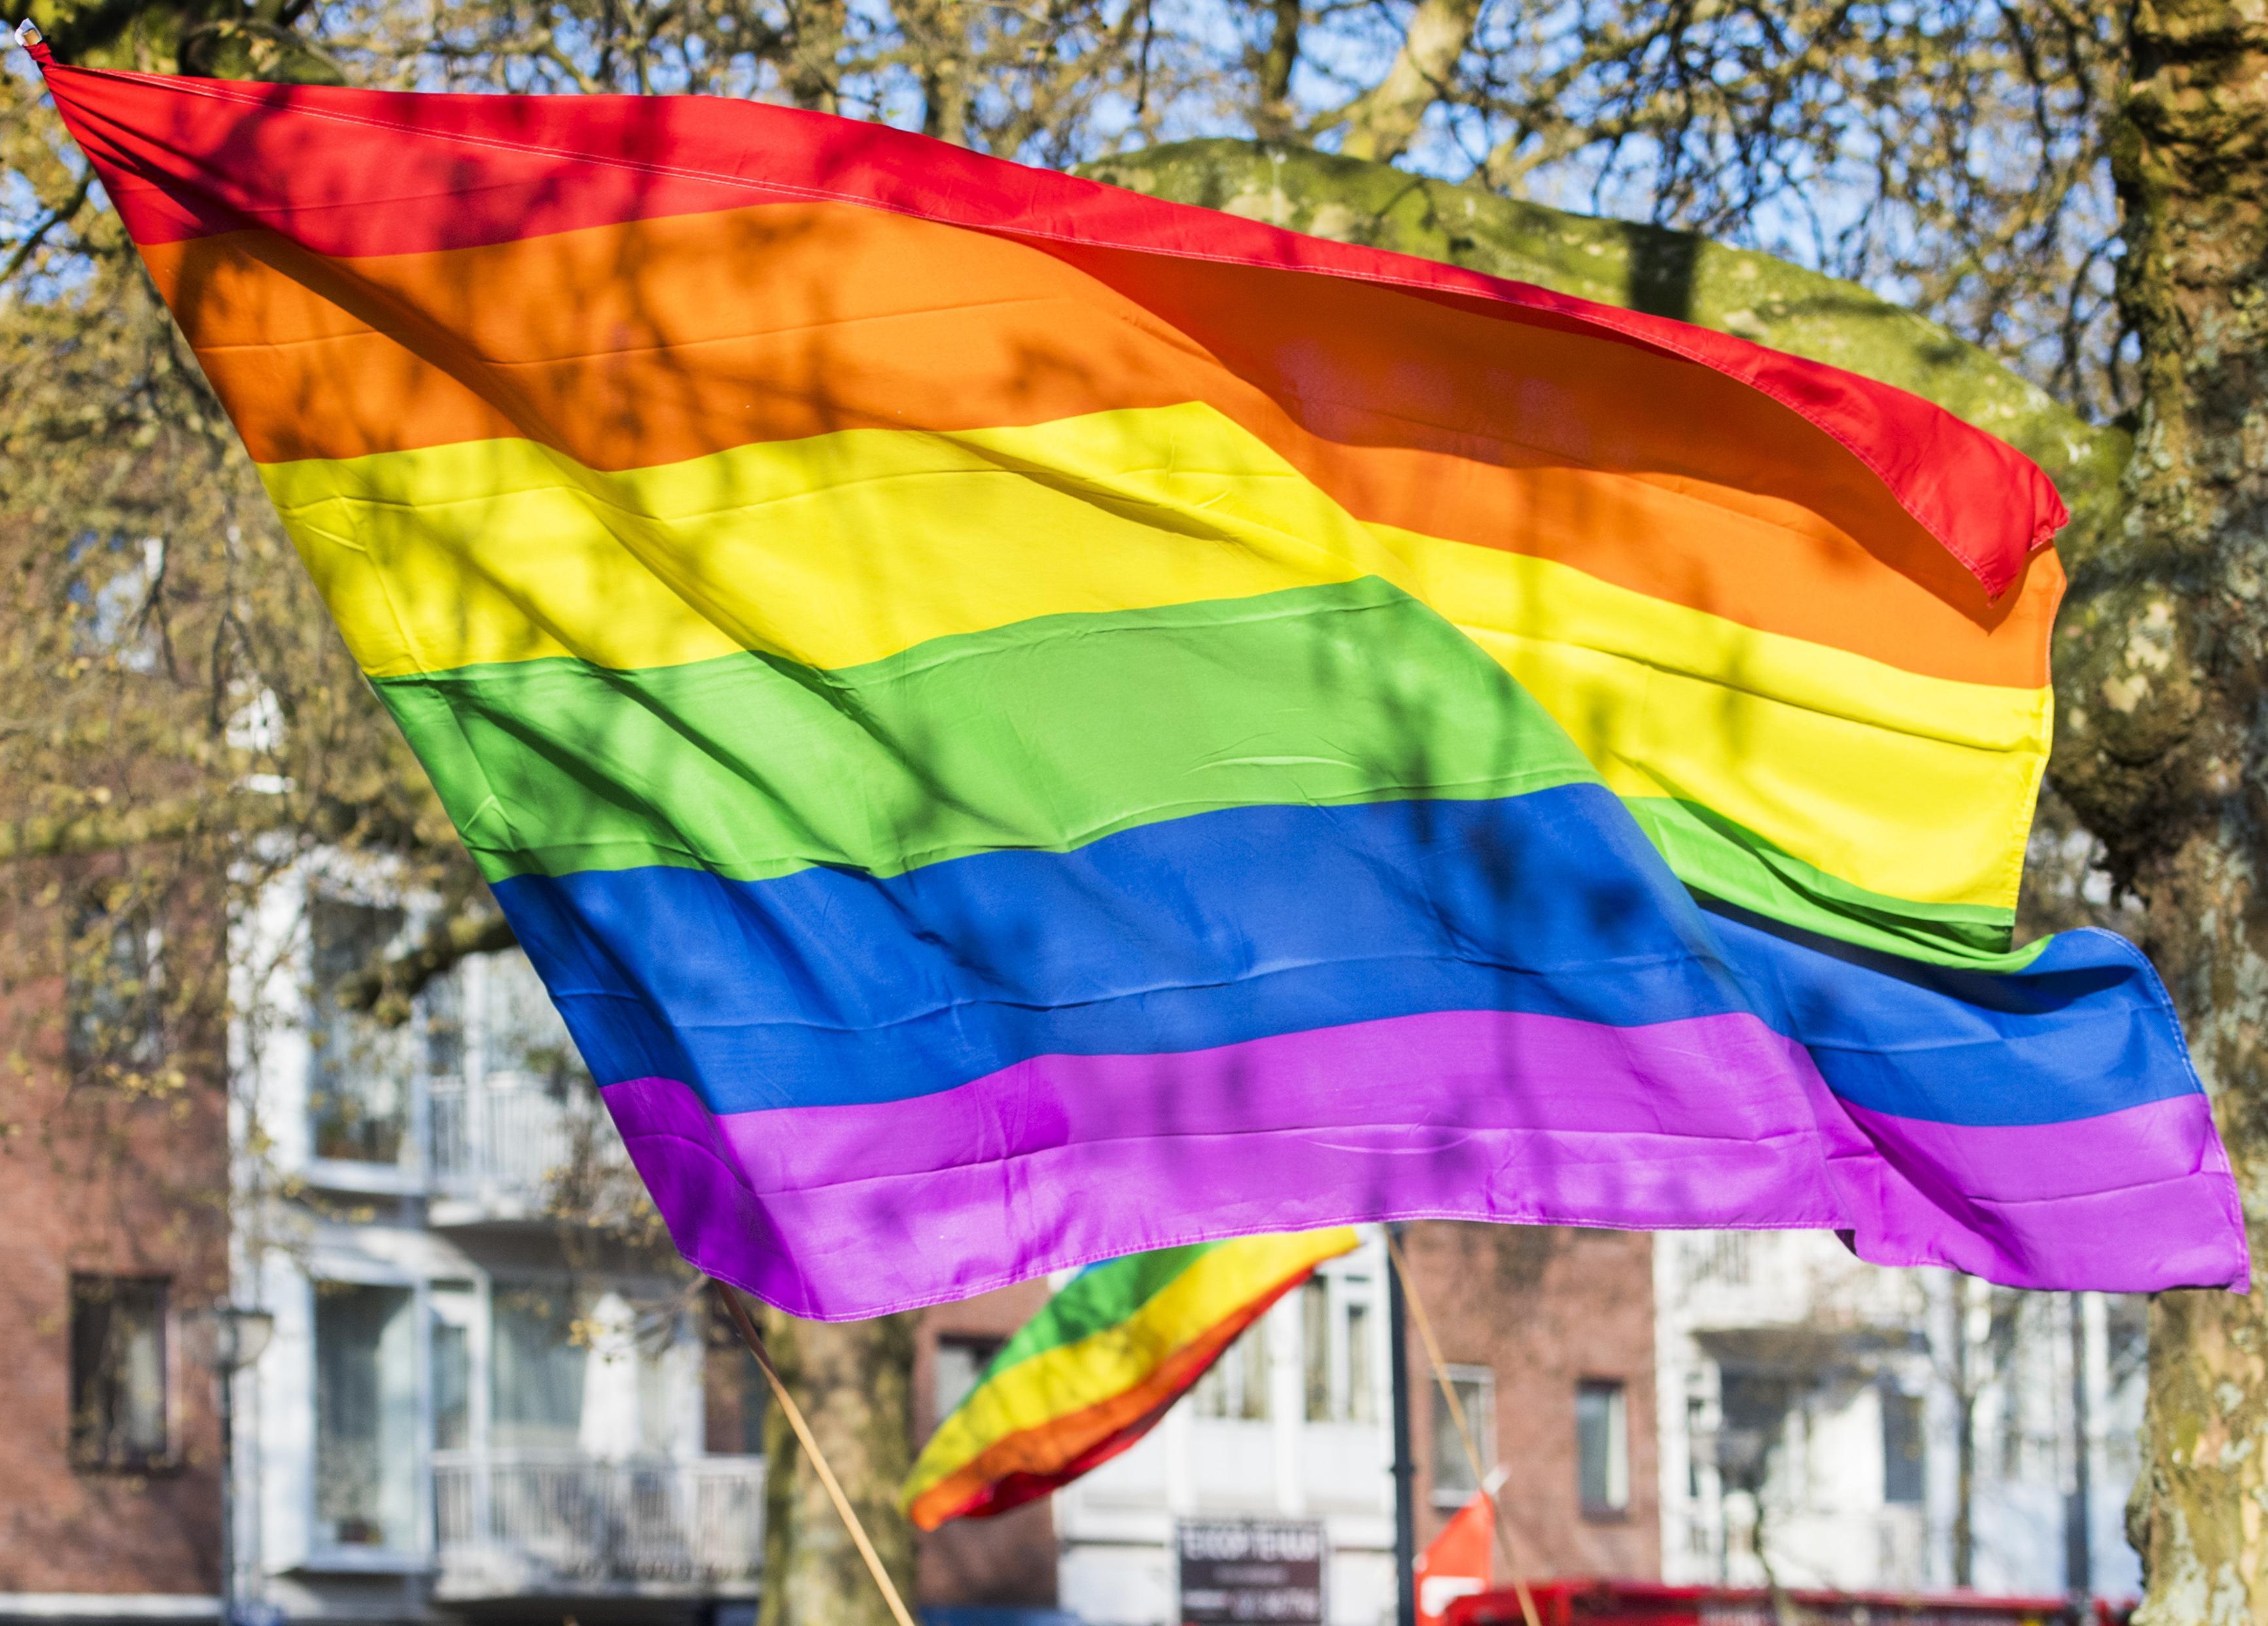 Baarn en Soest hijsen regenboogvlag tijdens interland Nederland-Tsjechië in Boedapest, als protest tegen Hongaarse 'anti-homowet'